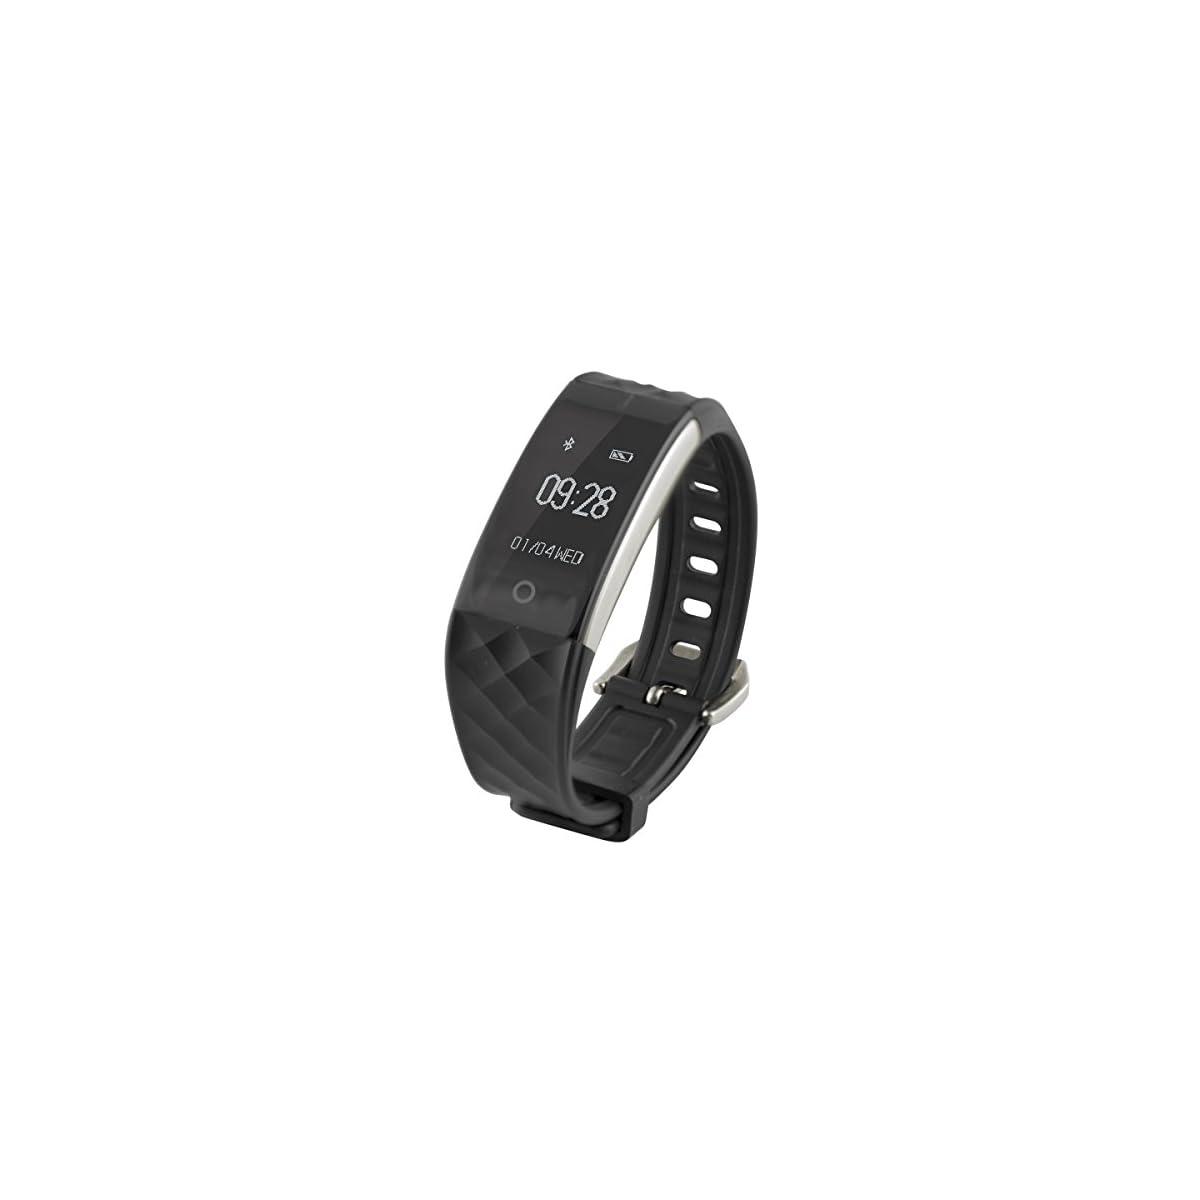 41uDqImJMvL. SS1200  - Ksix Fitness Band HR - Pulsera de Actividad con Monitor Deportivo y Bluetooth Compatible con Smartphone, Color Negro